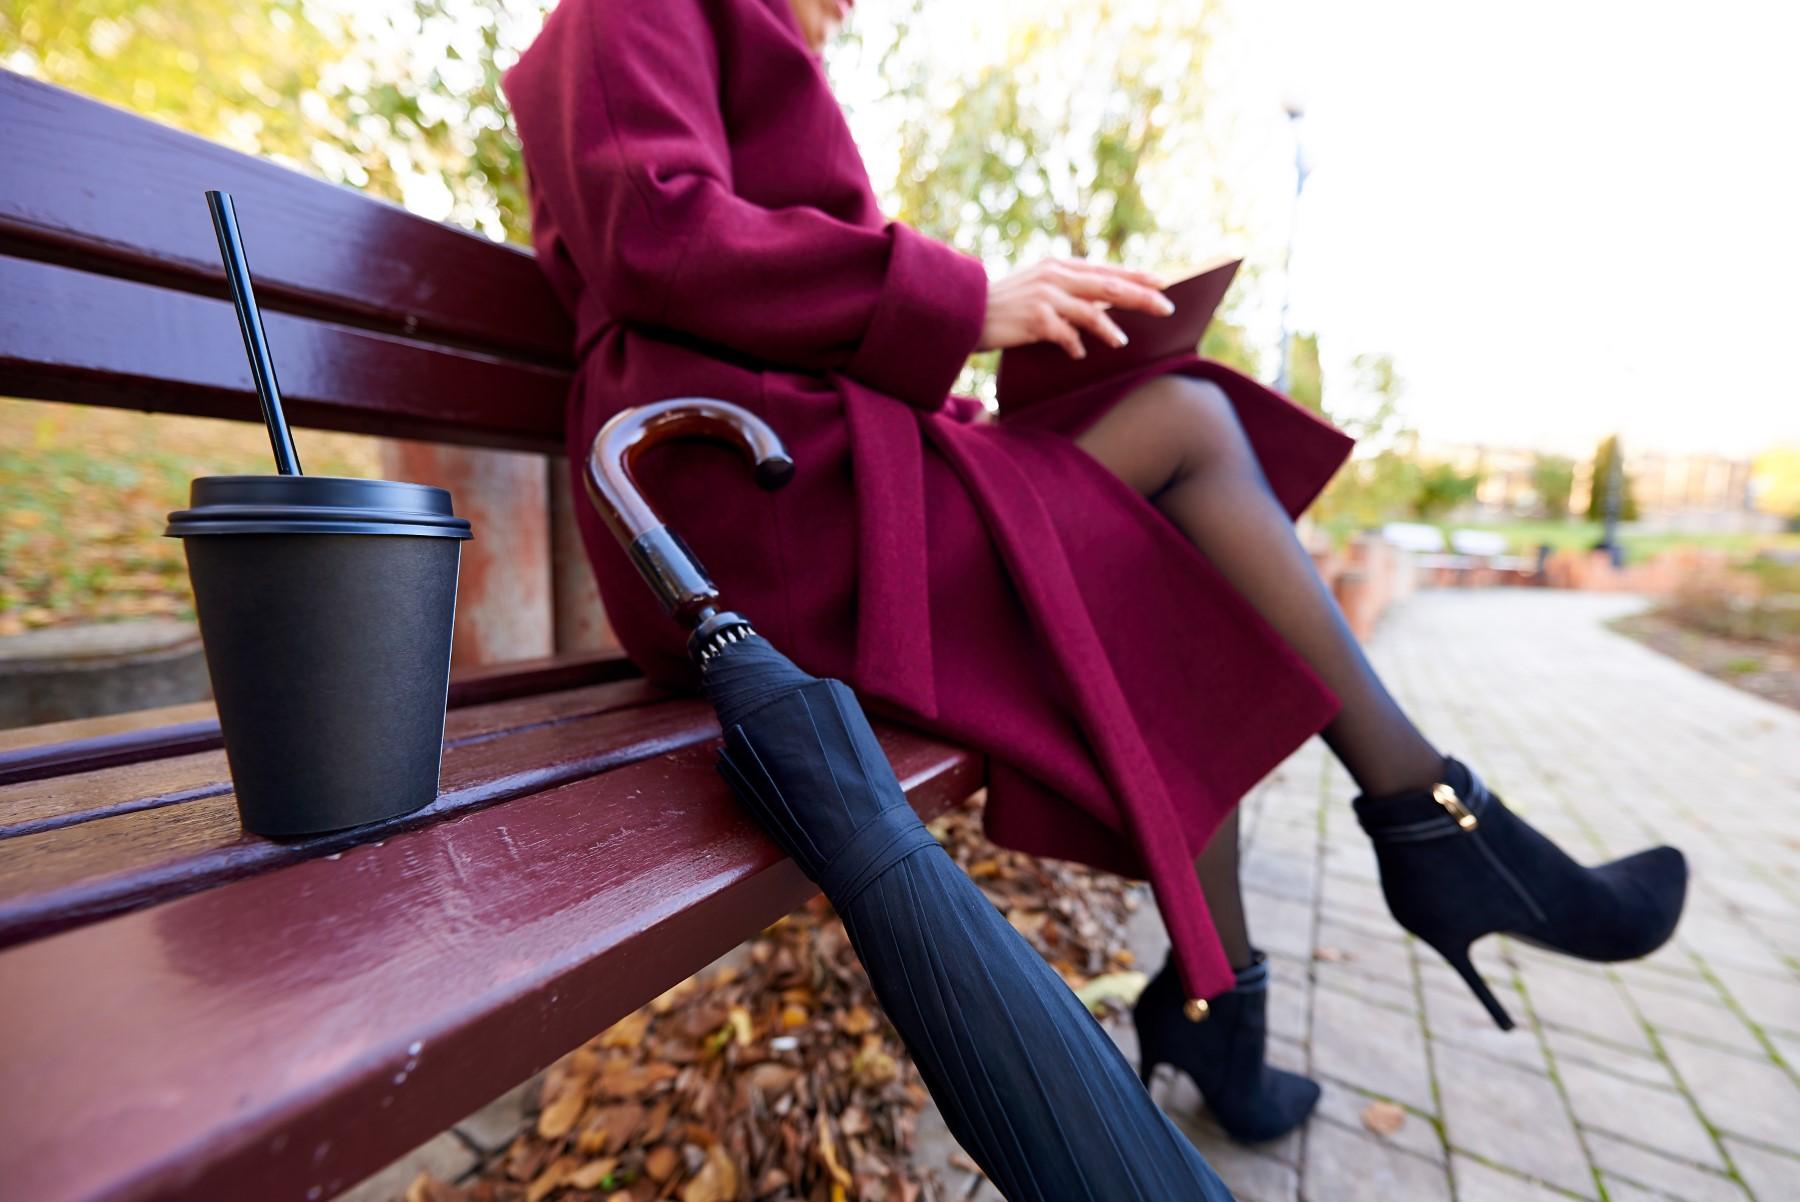 Scarpe da donna autunnali - che modello sarà un successo in questa stagione?